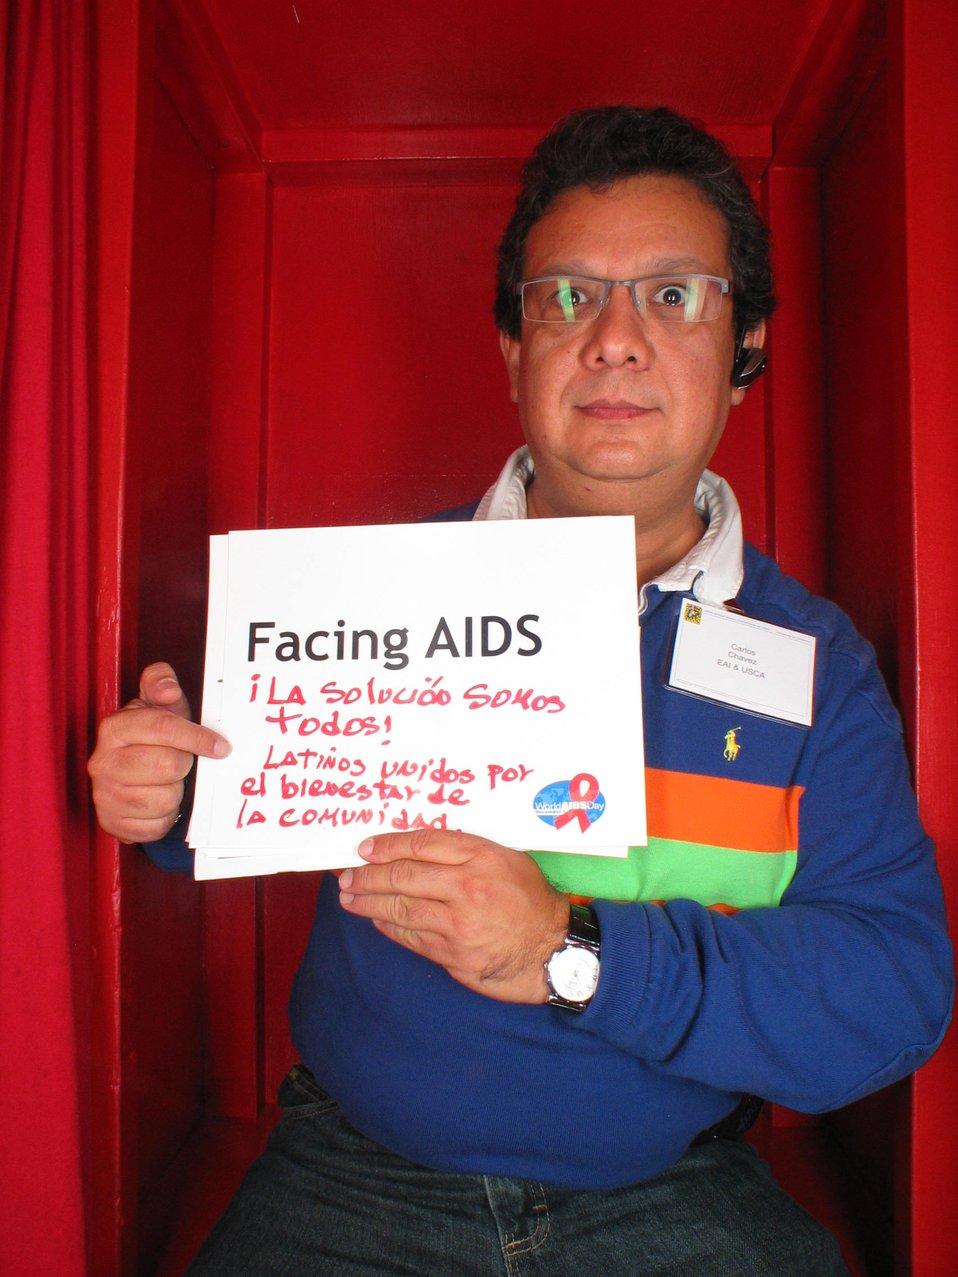 Facing AIDS La solicioo somos todos. Latinos unidos por el bienestar de la comunidad.